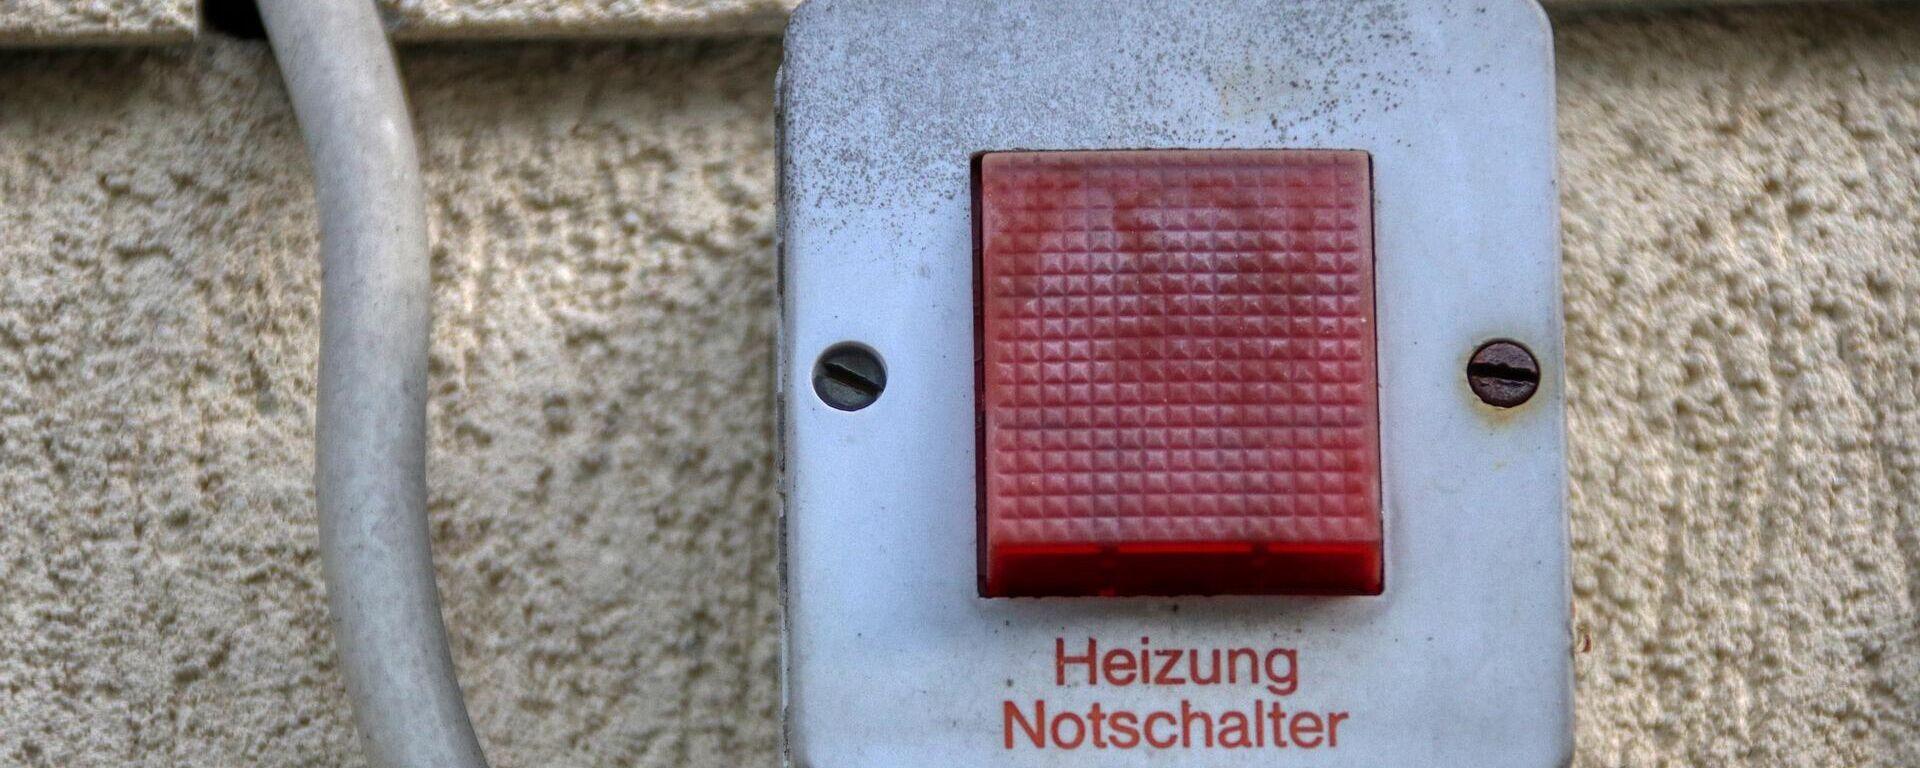 Heizung Notschalter (Symbolbild) - SNA, 1920, 20.09.2021